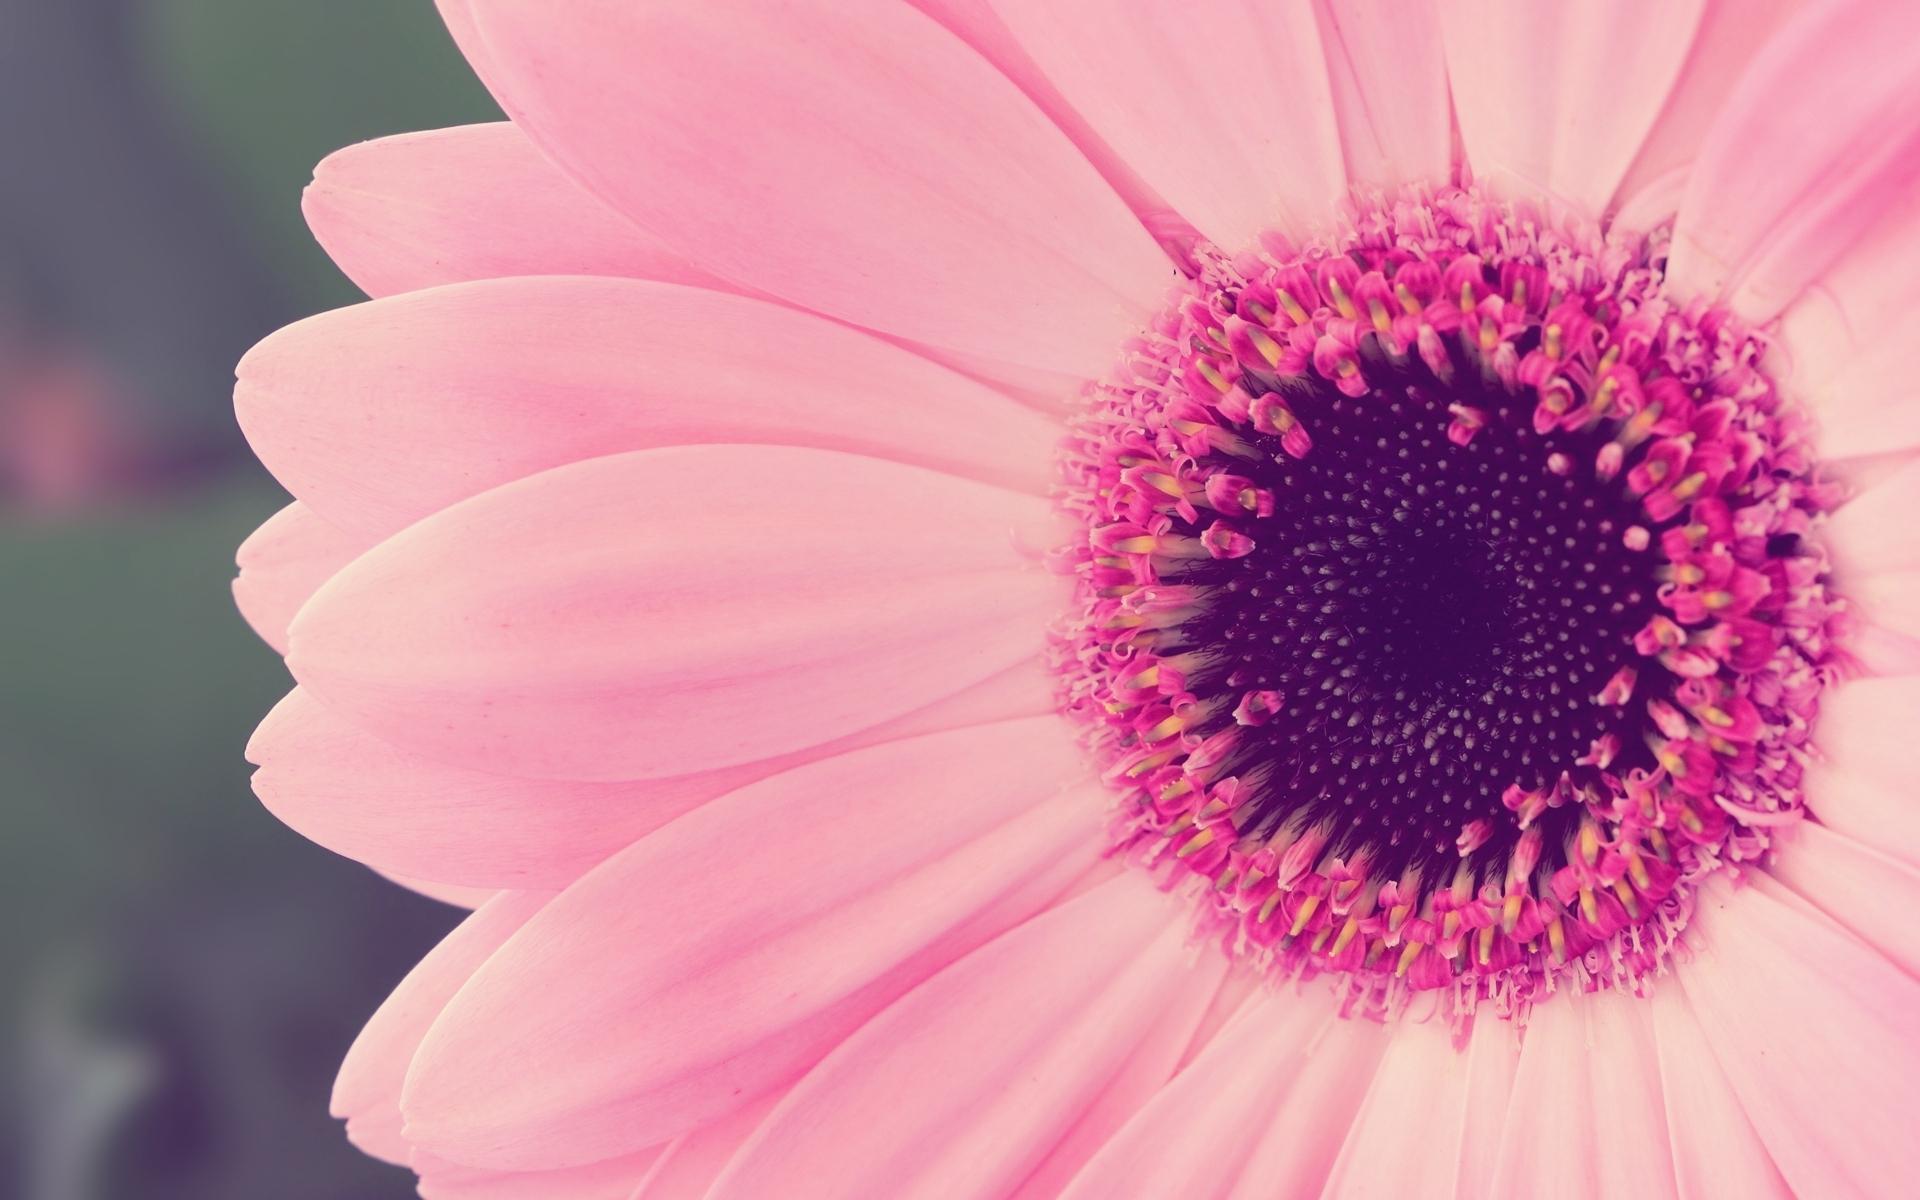 Pink Flower HD Wallpaper Pink Flower Photos Cool Wallpapers 1920x1200